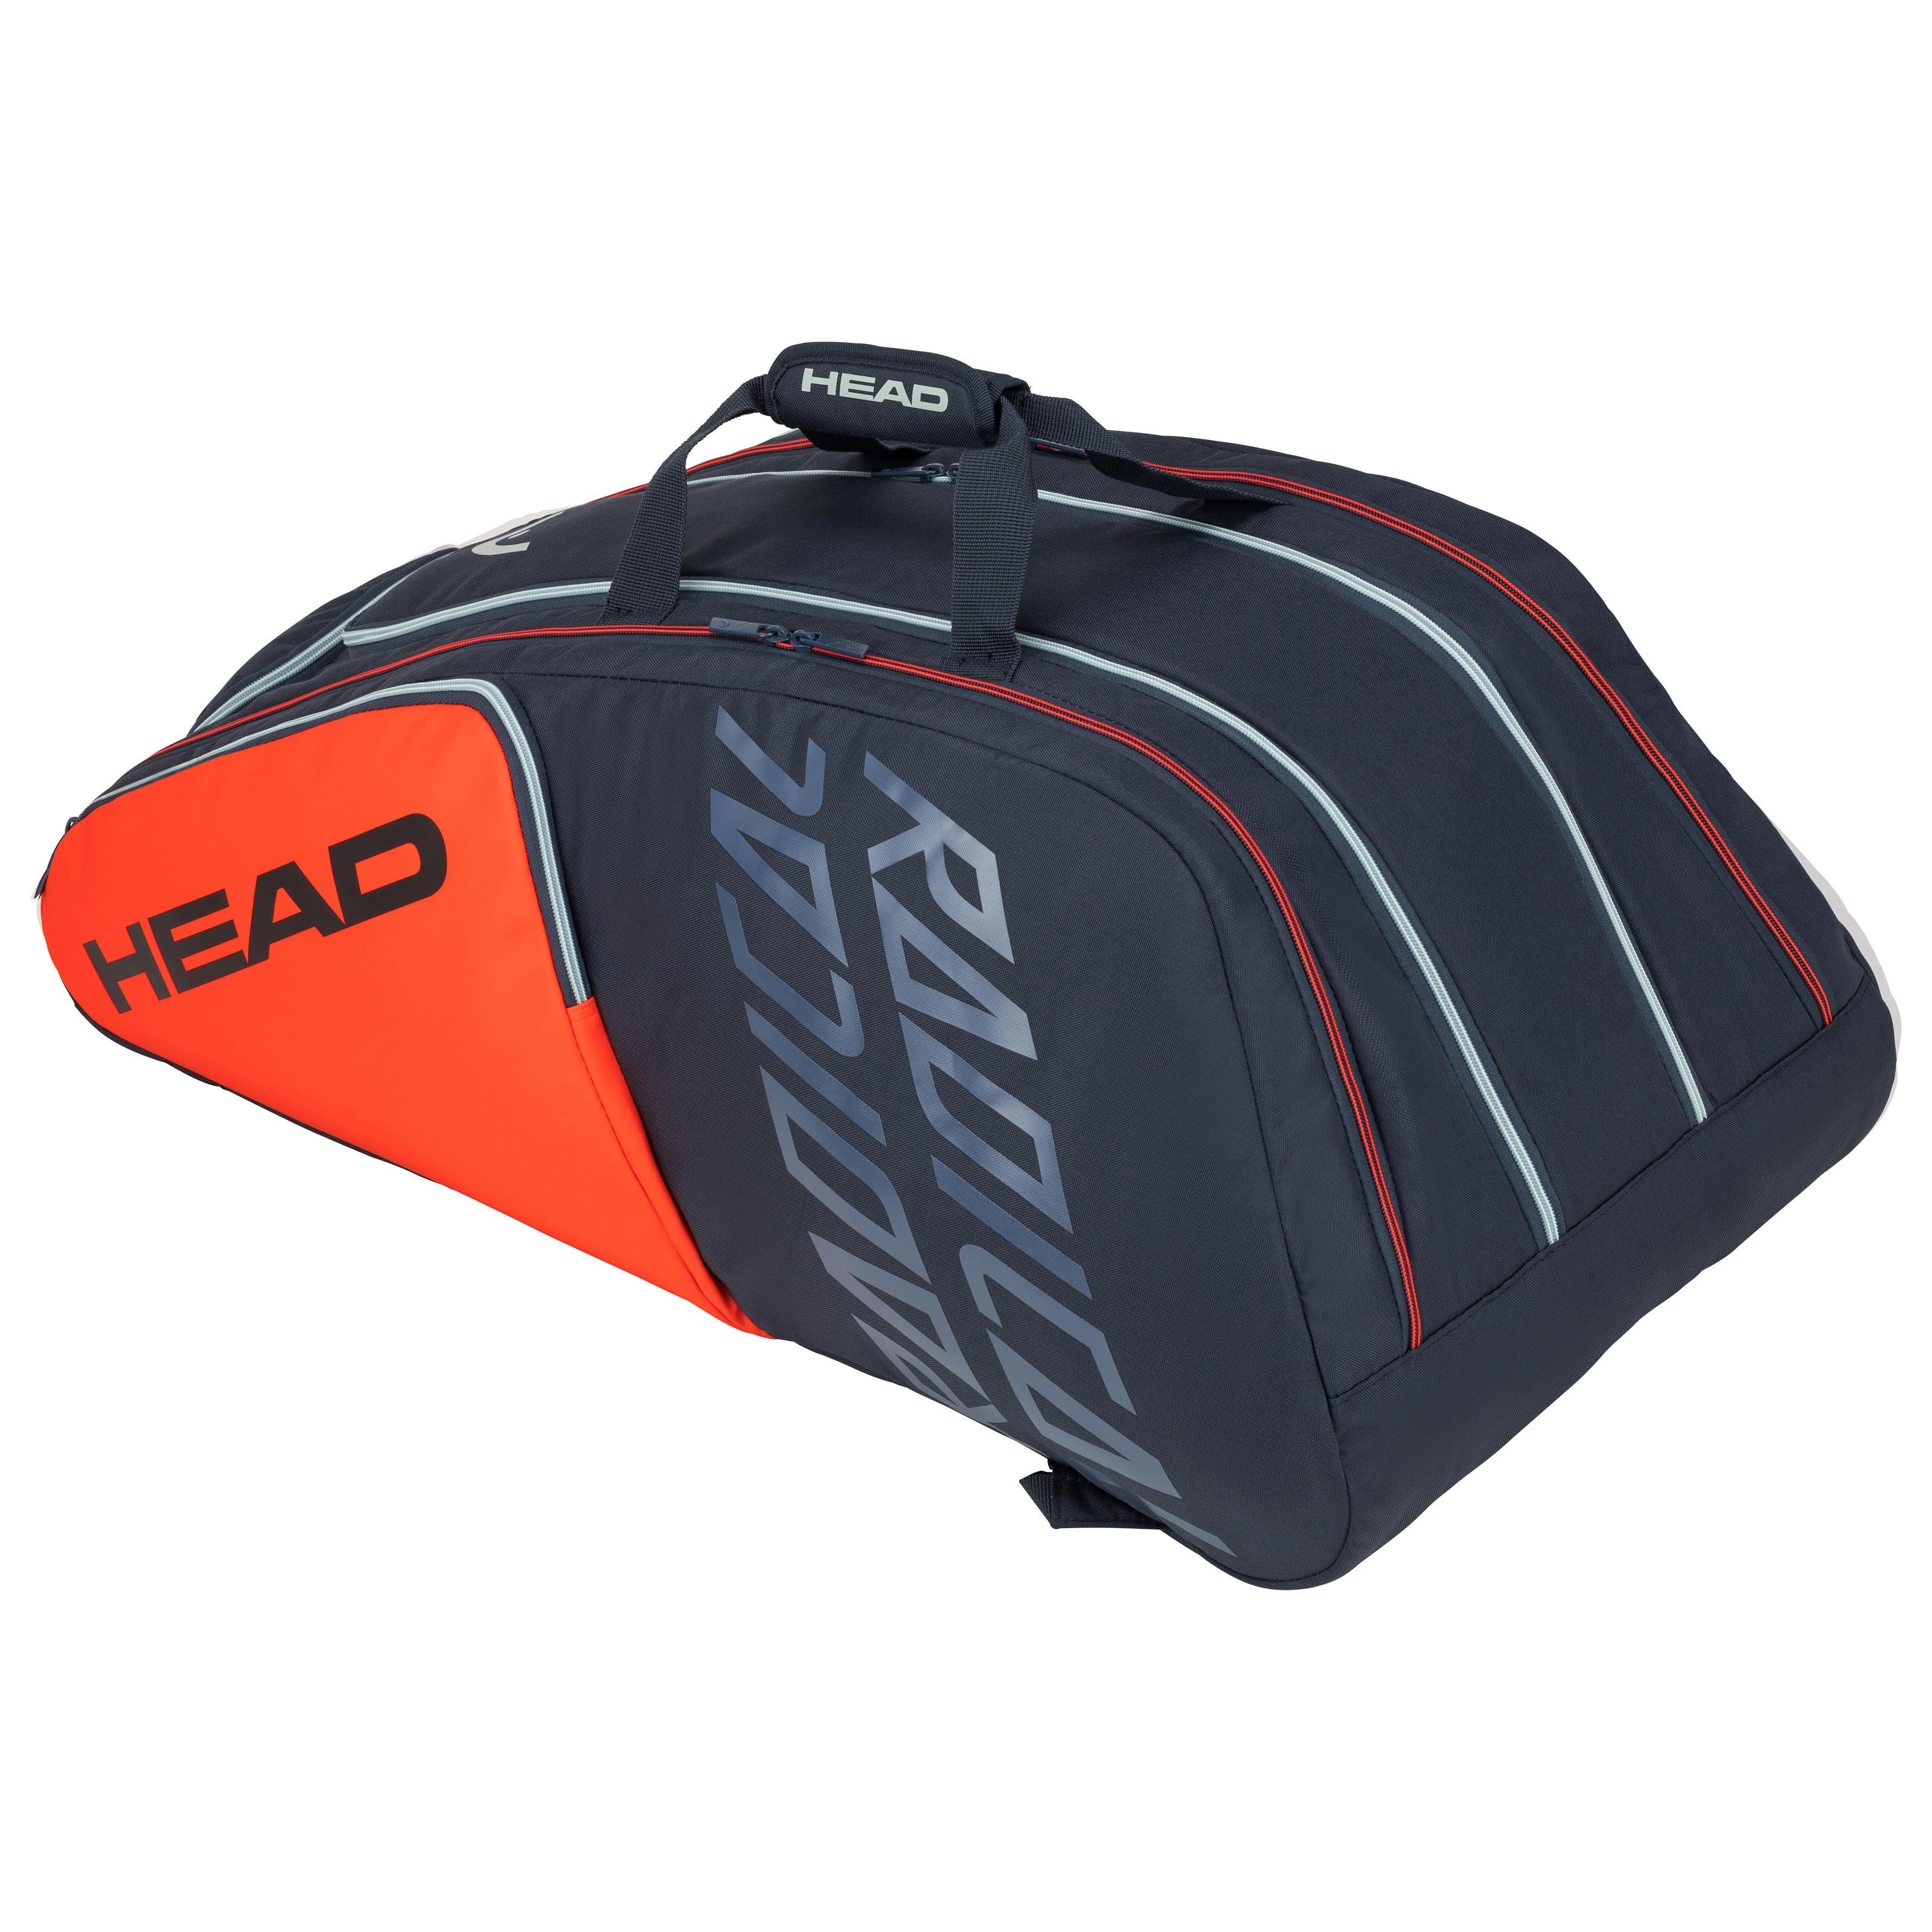 Sacs de badminton unisexe sacs /à bandouli/ère 3 Pack Badminton sacs pour tous les niveaux joueurs une taille rouge//noir